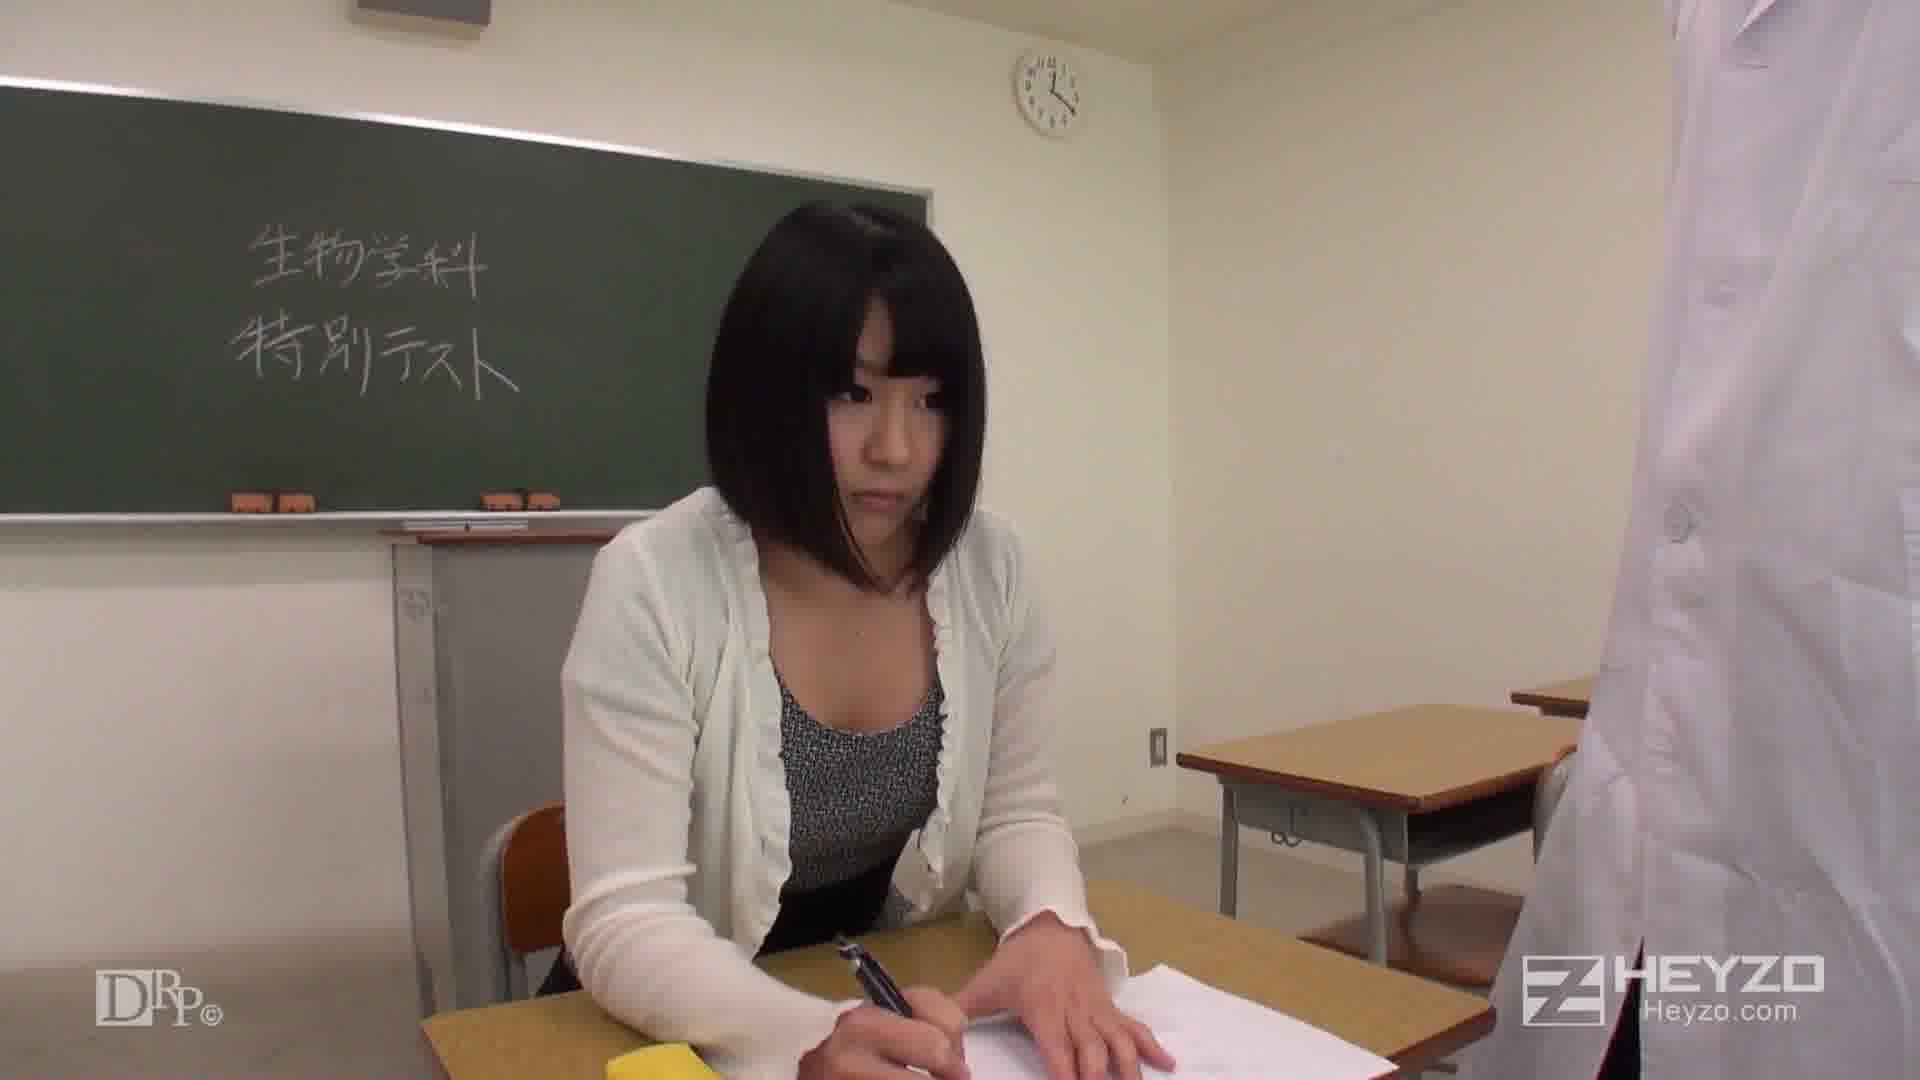 ヒミツのお受験~精物学科にようこそ!~ - 小泉まり【放尿 フェラ 69 教室内 受験】